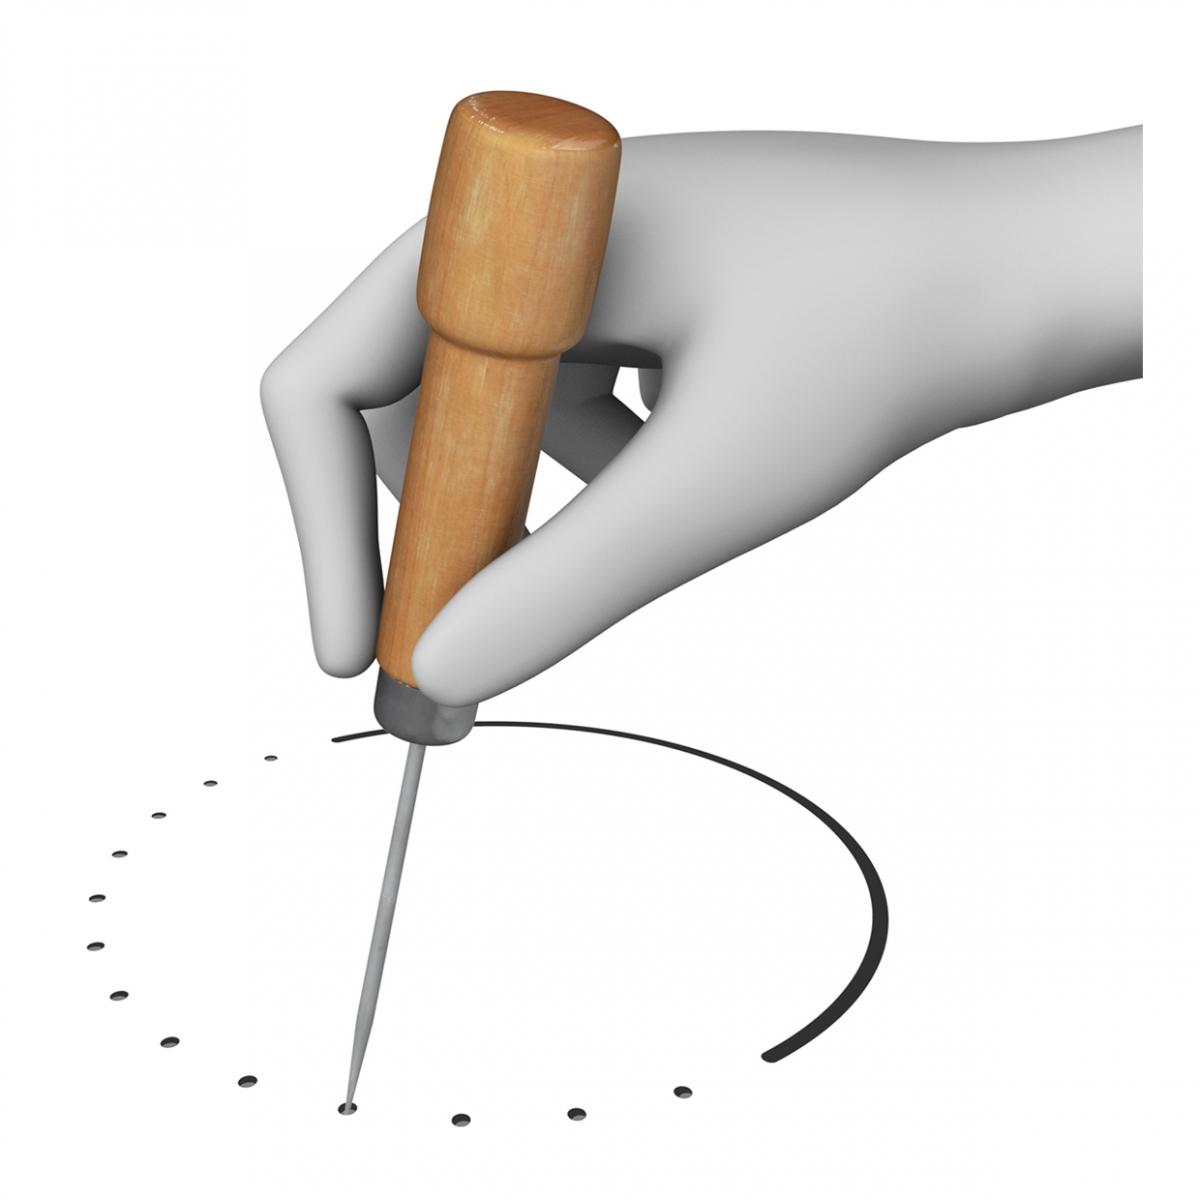 Imagen en la que una mano está picando una superficie con un punzón